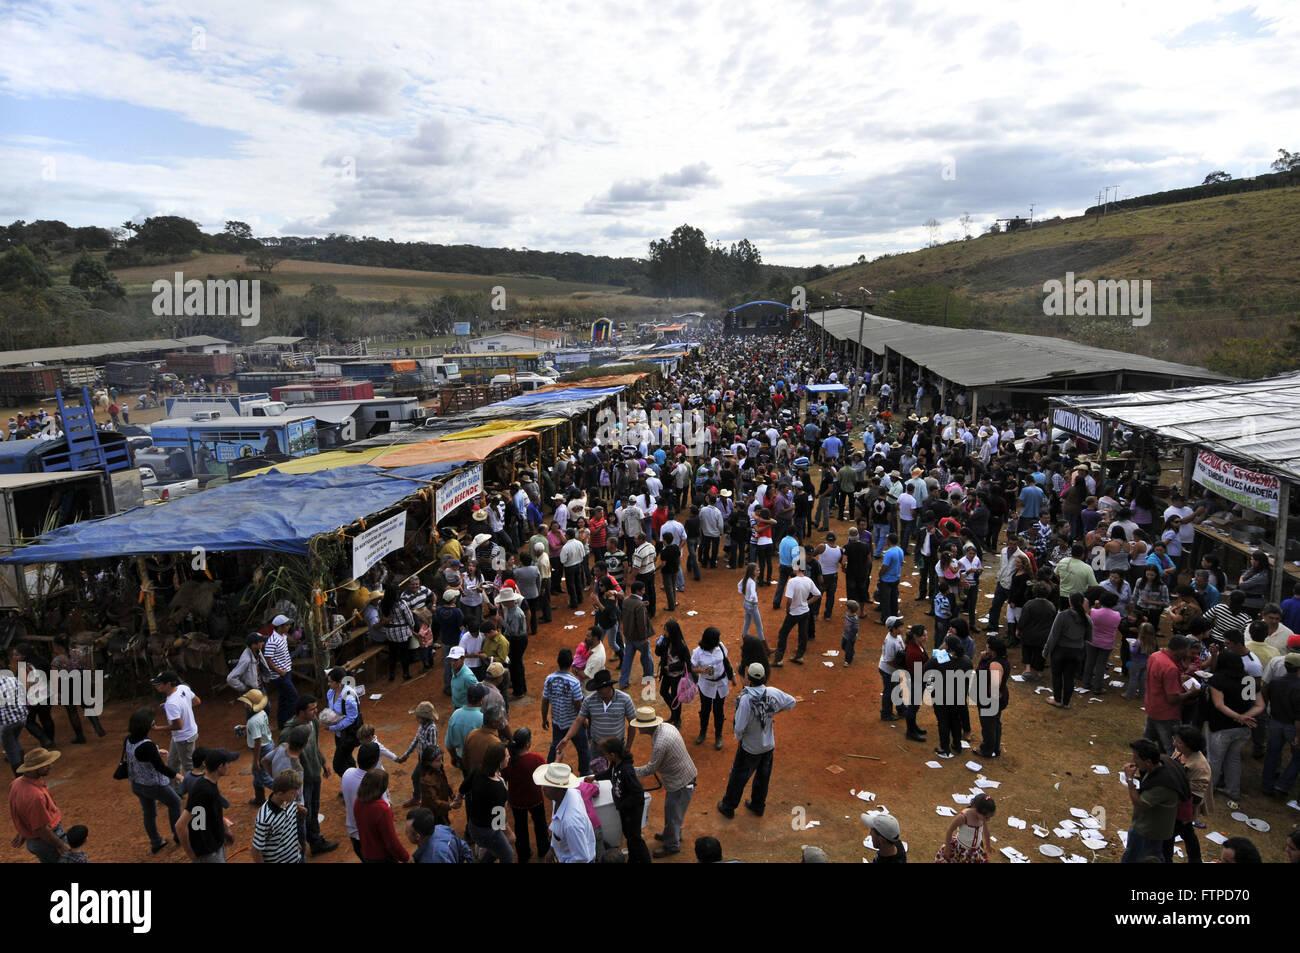 Vista superior de visitantes en la exposición de motivos de la tradicional Fiesta del ajo quemado Imagen De Stock